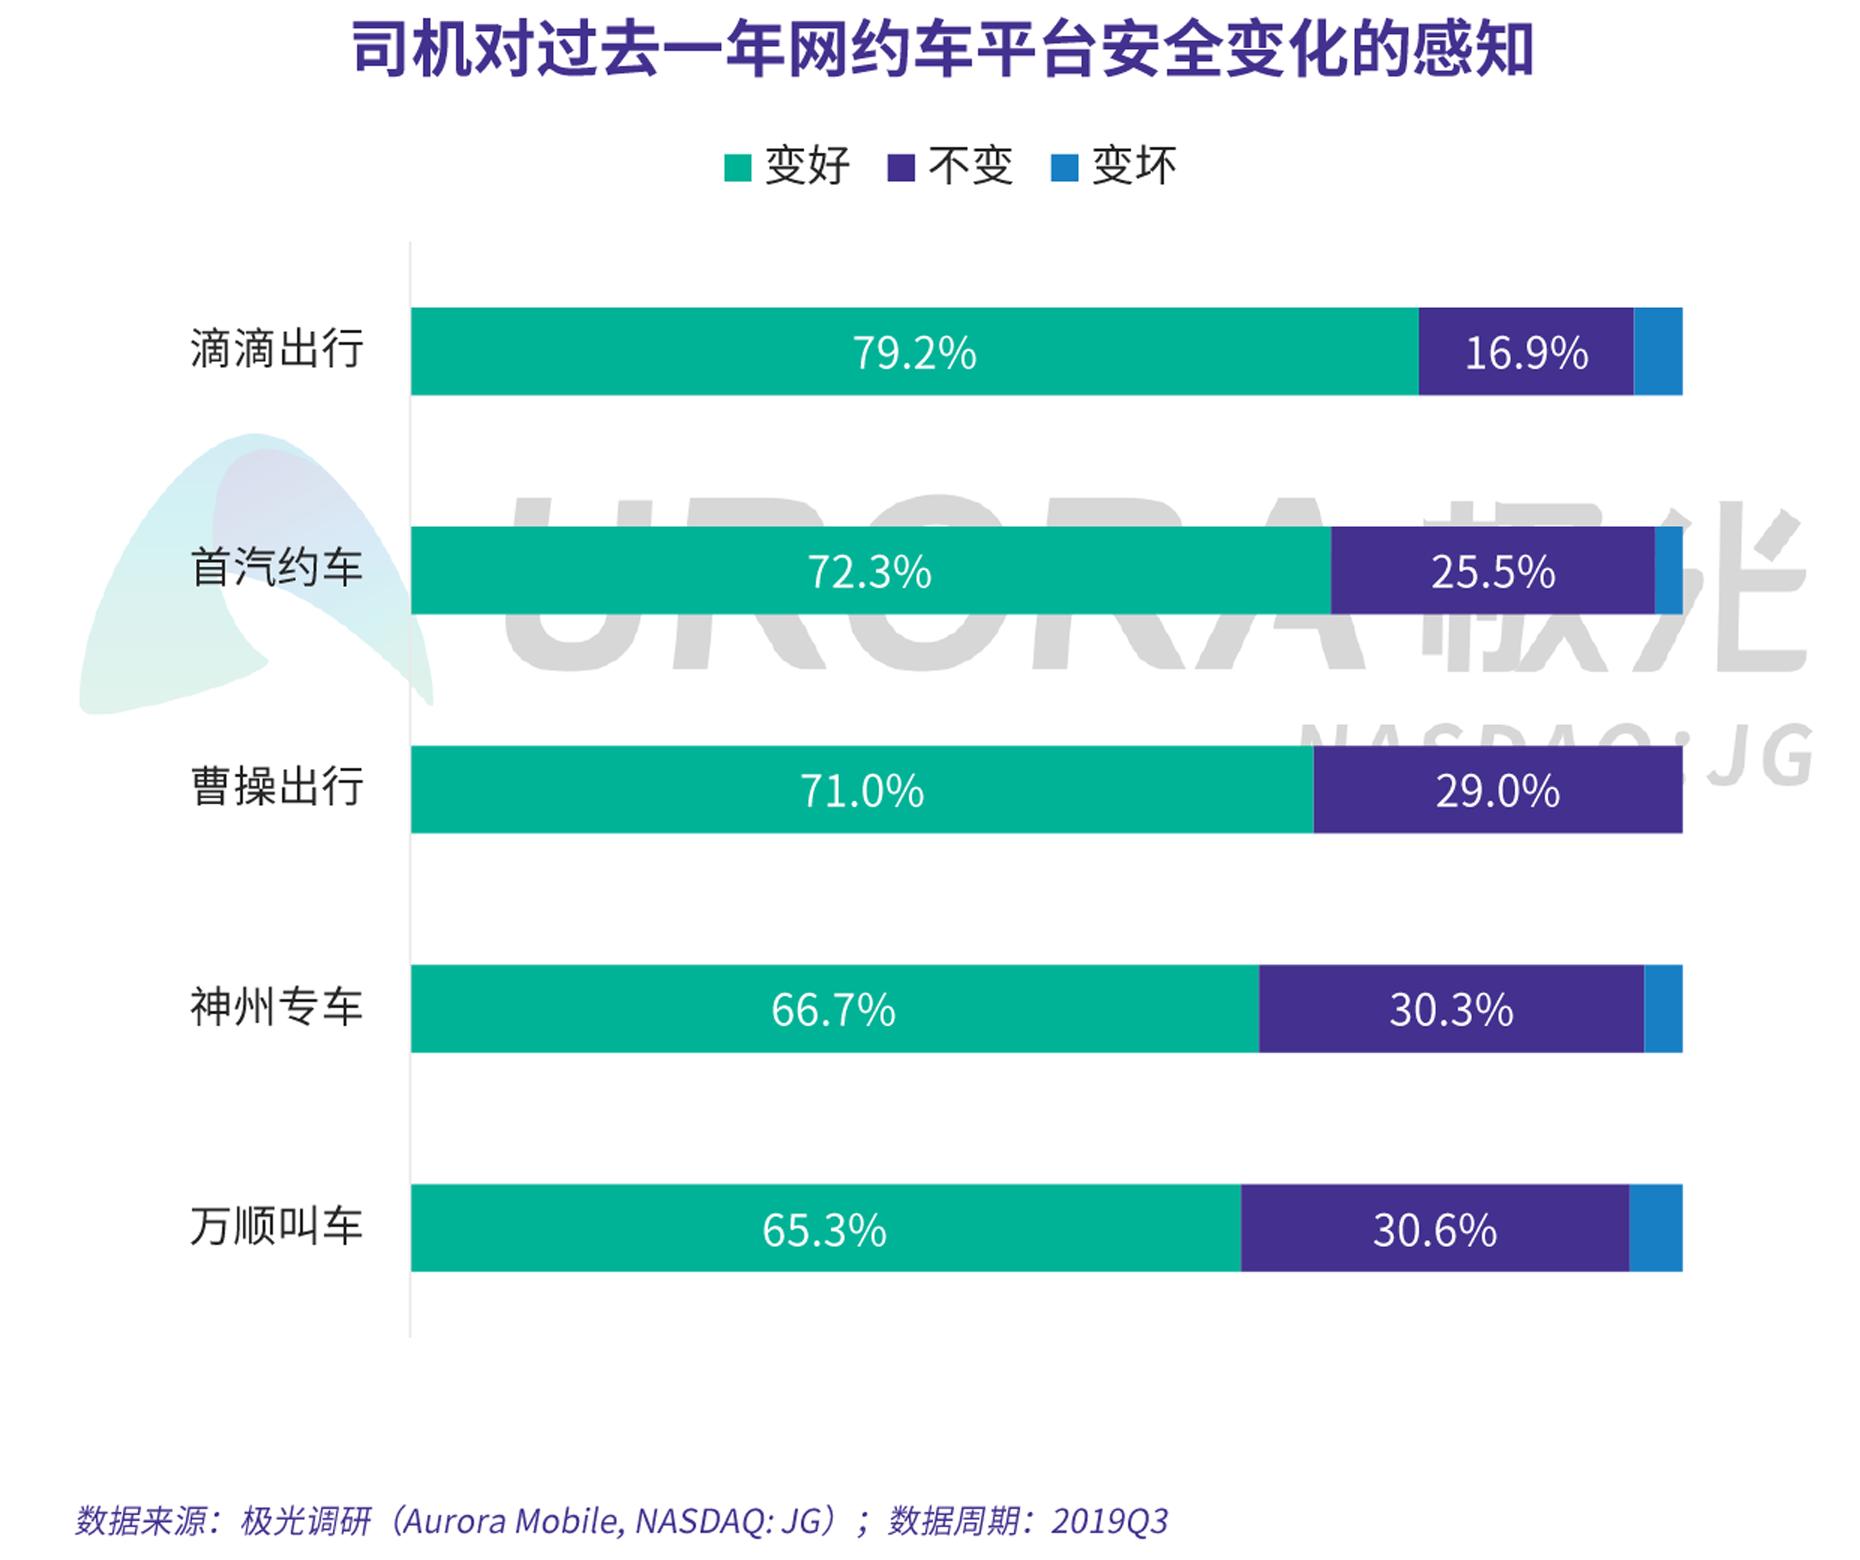 JIGUANG-网约车出行安全用户信心研究-新版-V4-26.png